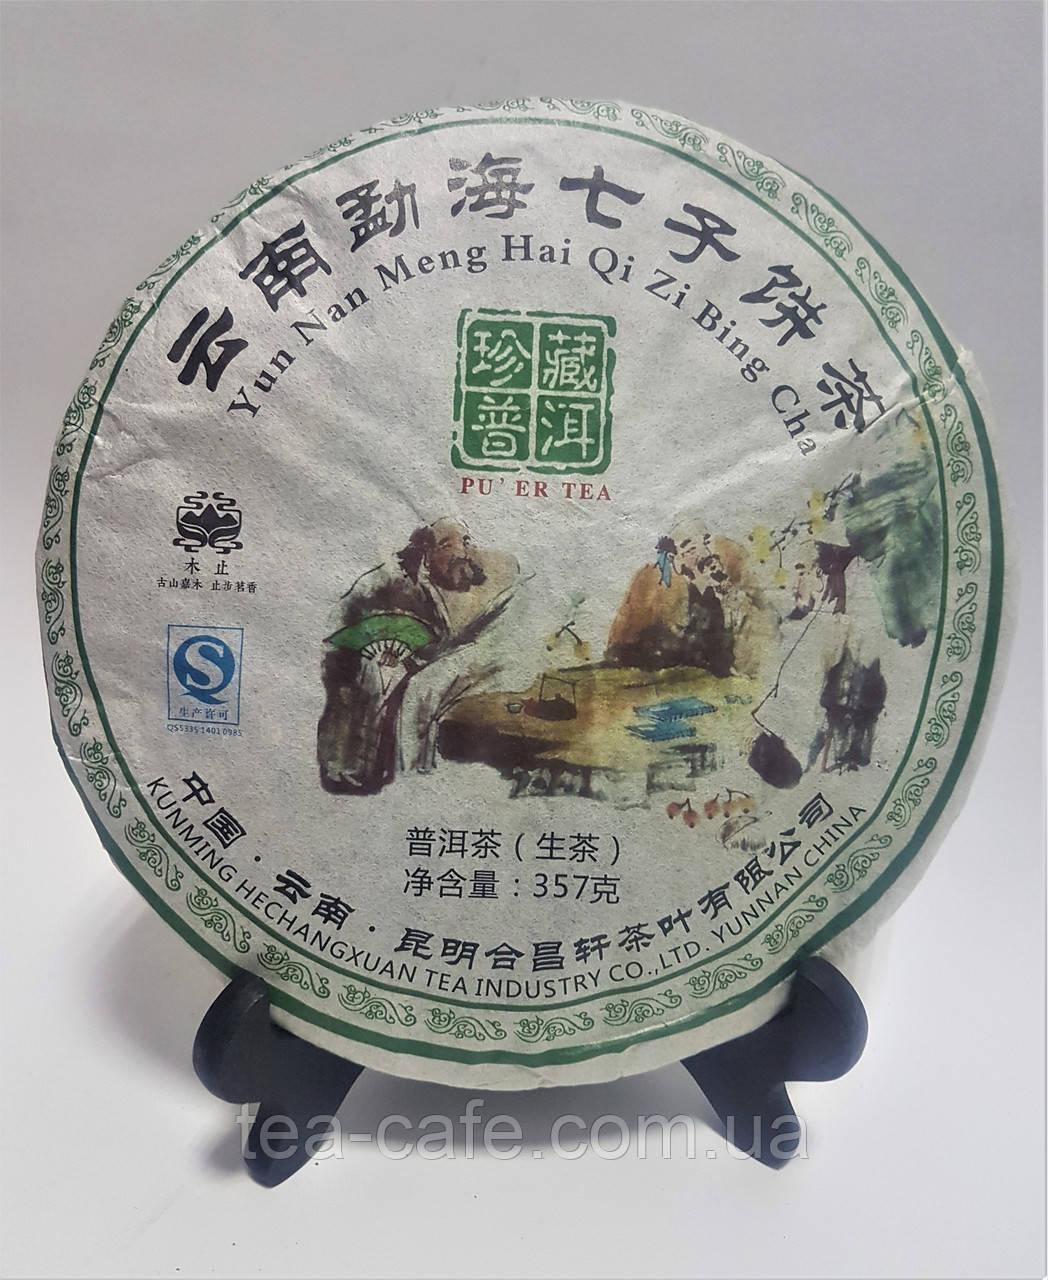 ПуЭр Шен (зелений) 357 гр.